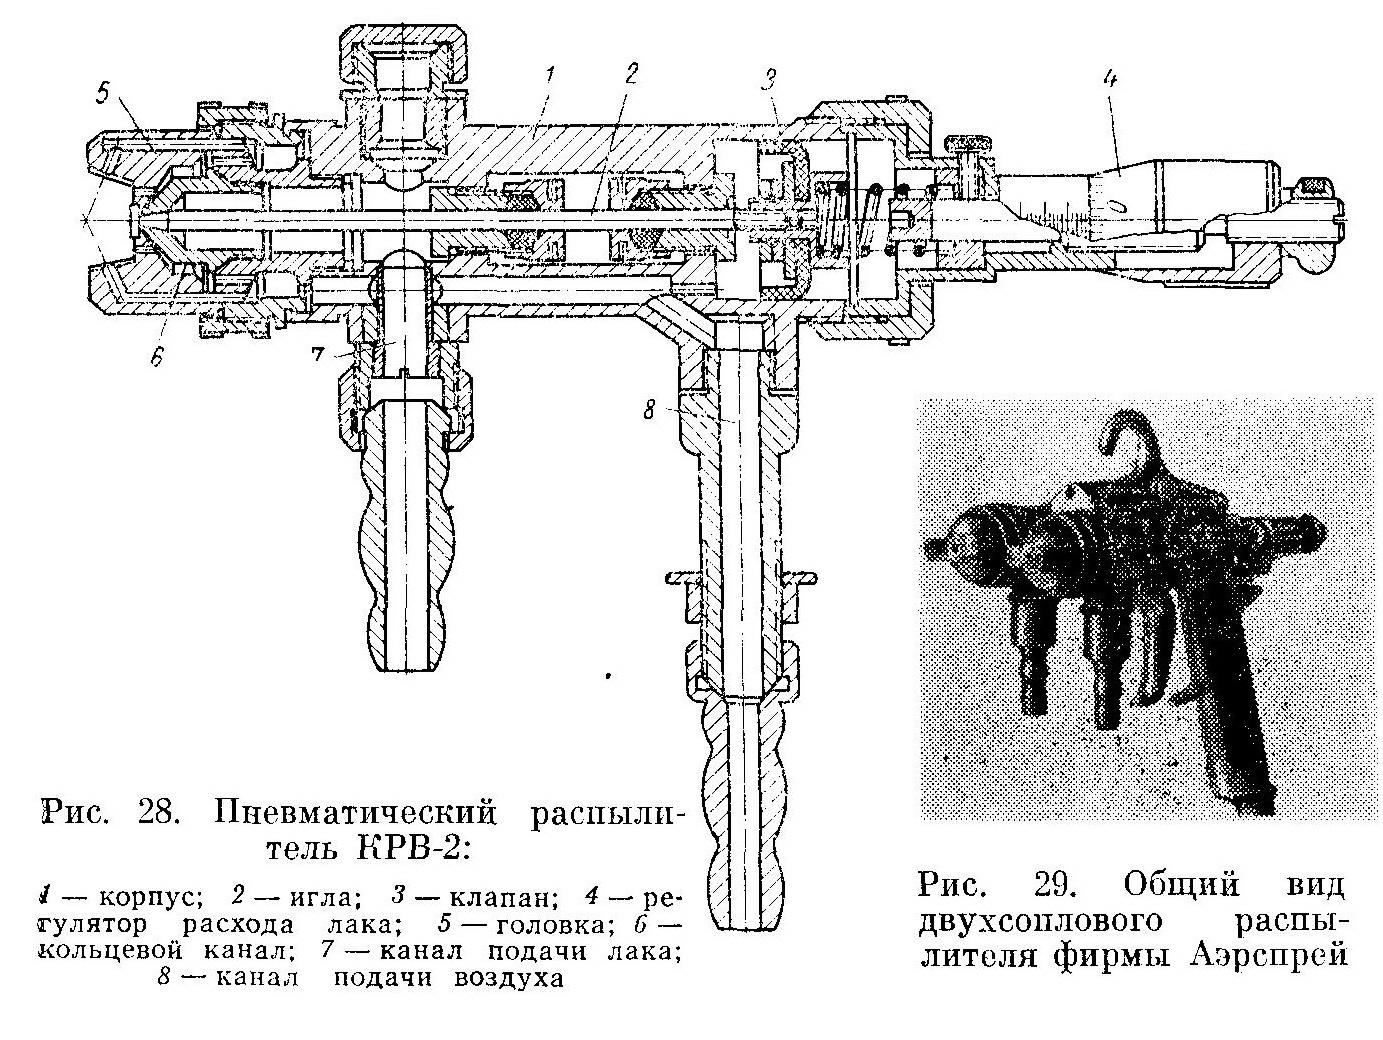 Конструктивное исполнение распылителя КРВ-2 - Разное фото